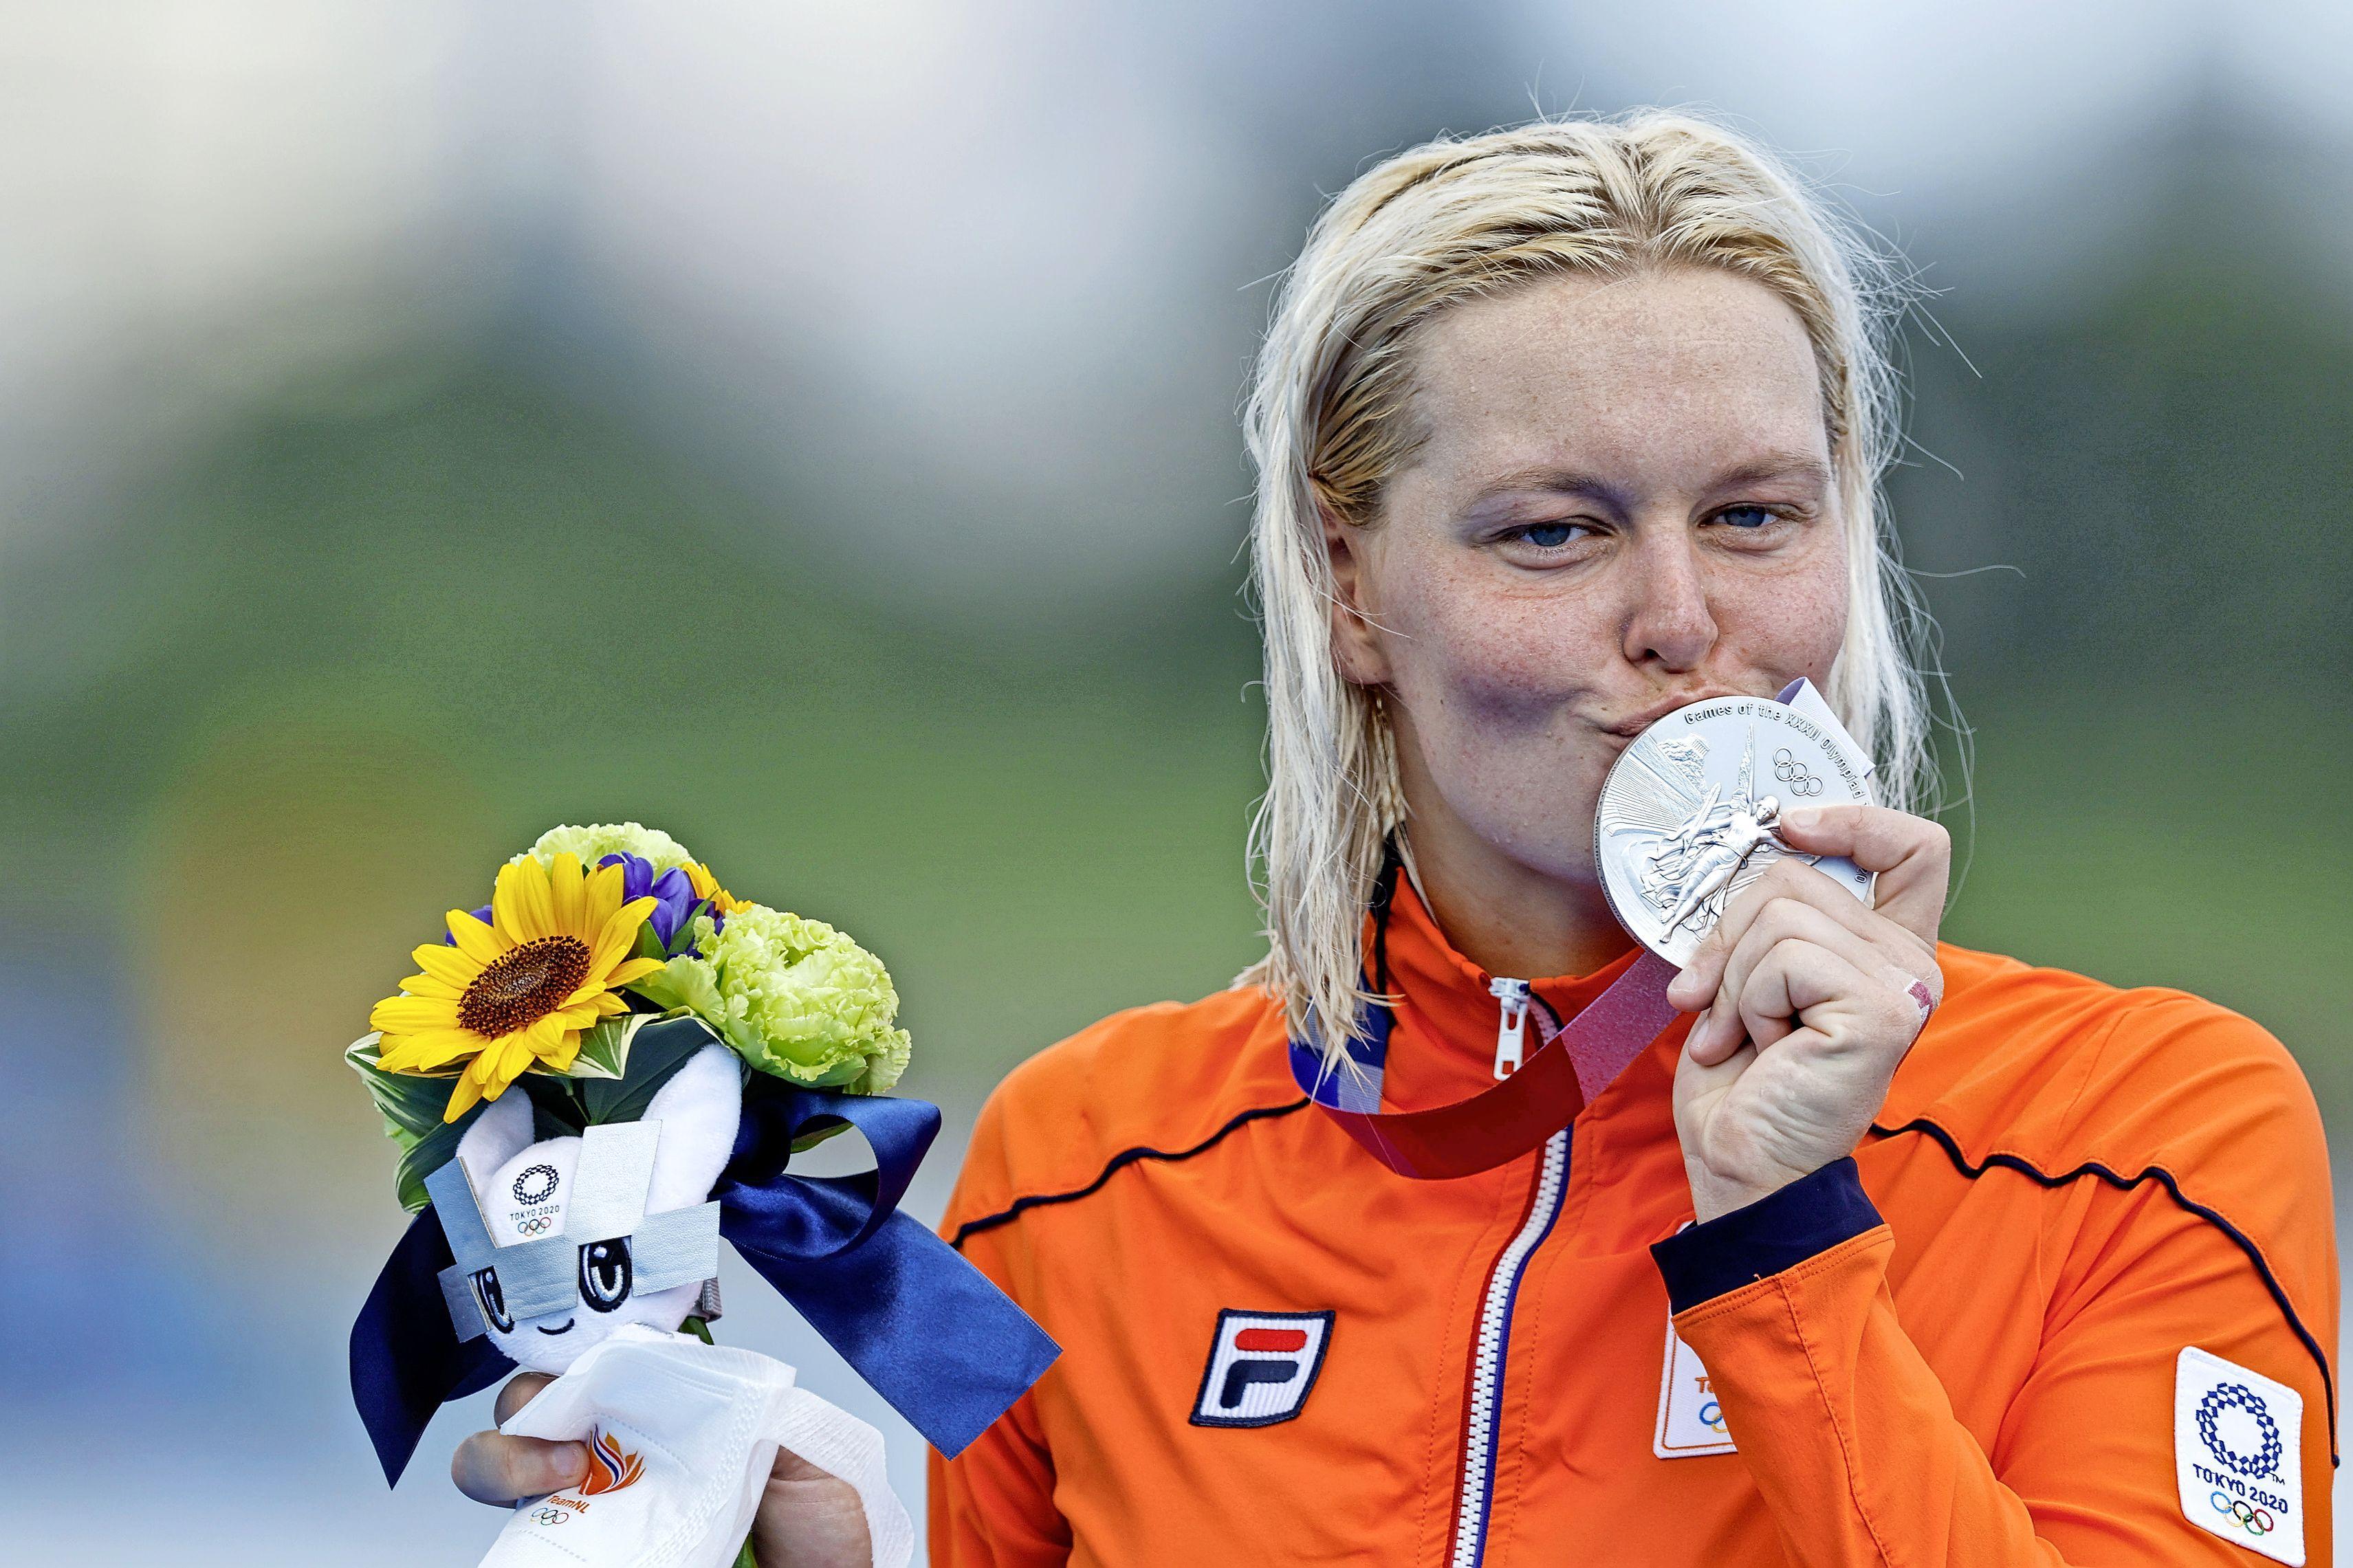 Sharon van Rouwendaal zwemt in Tokio berekenend naar olympisch zilver [video]